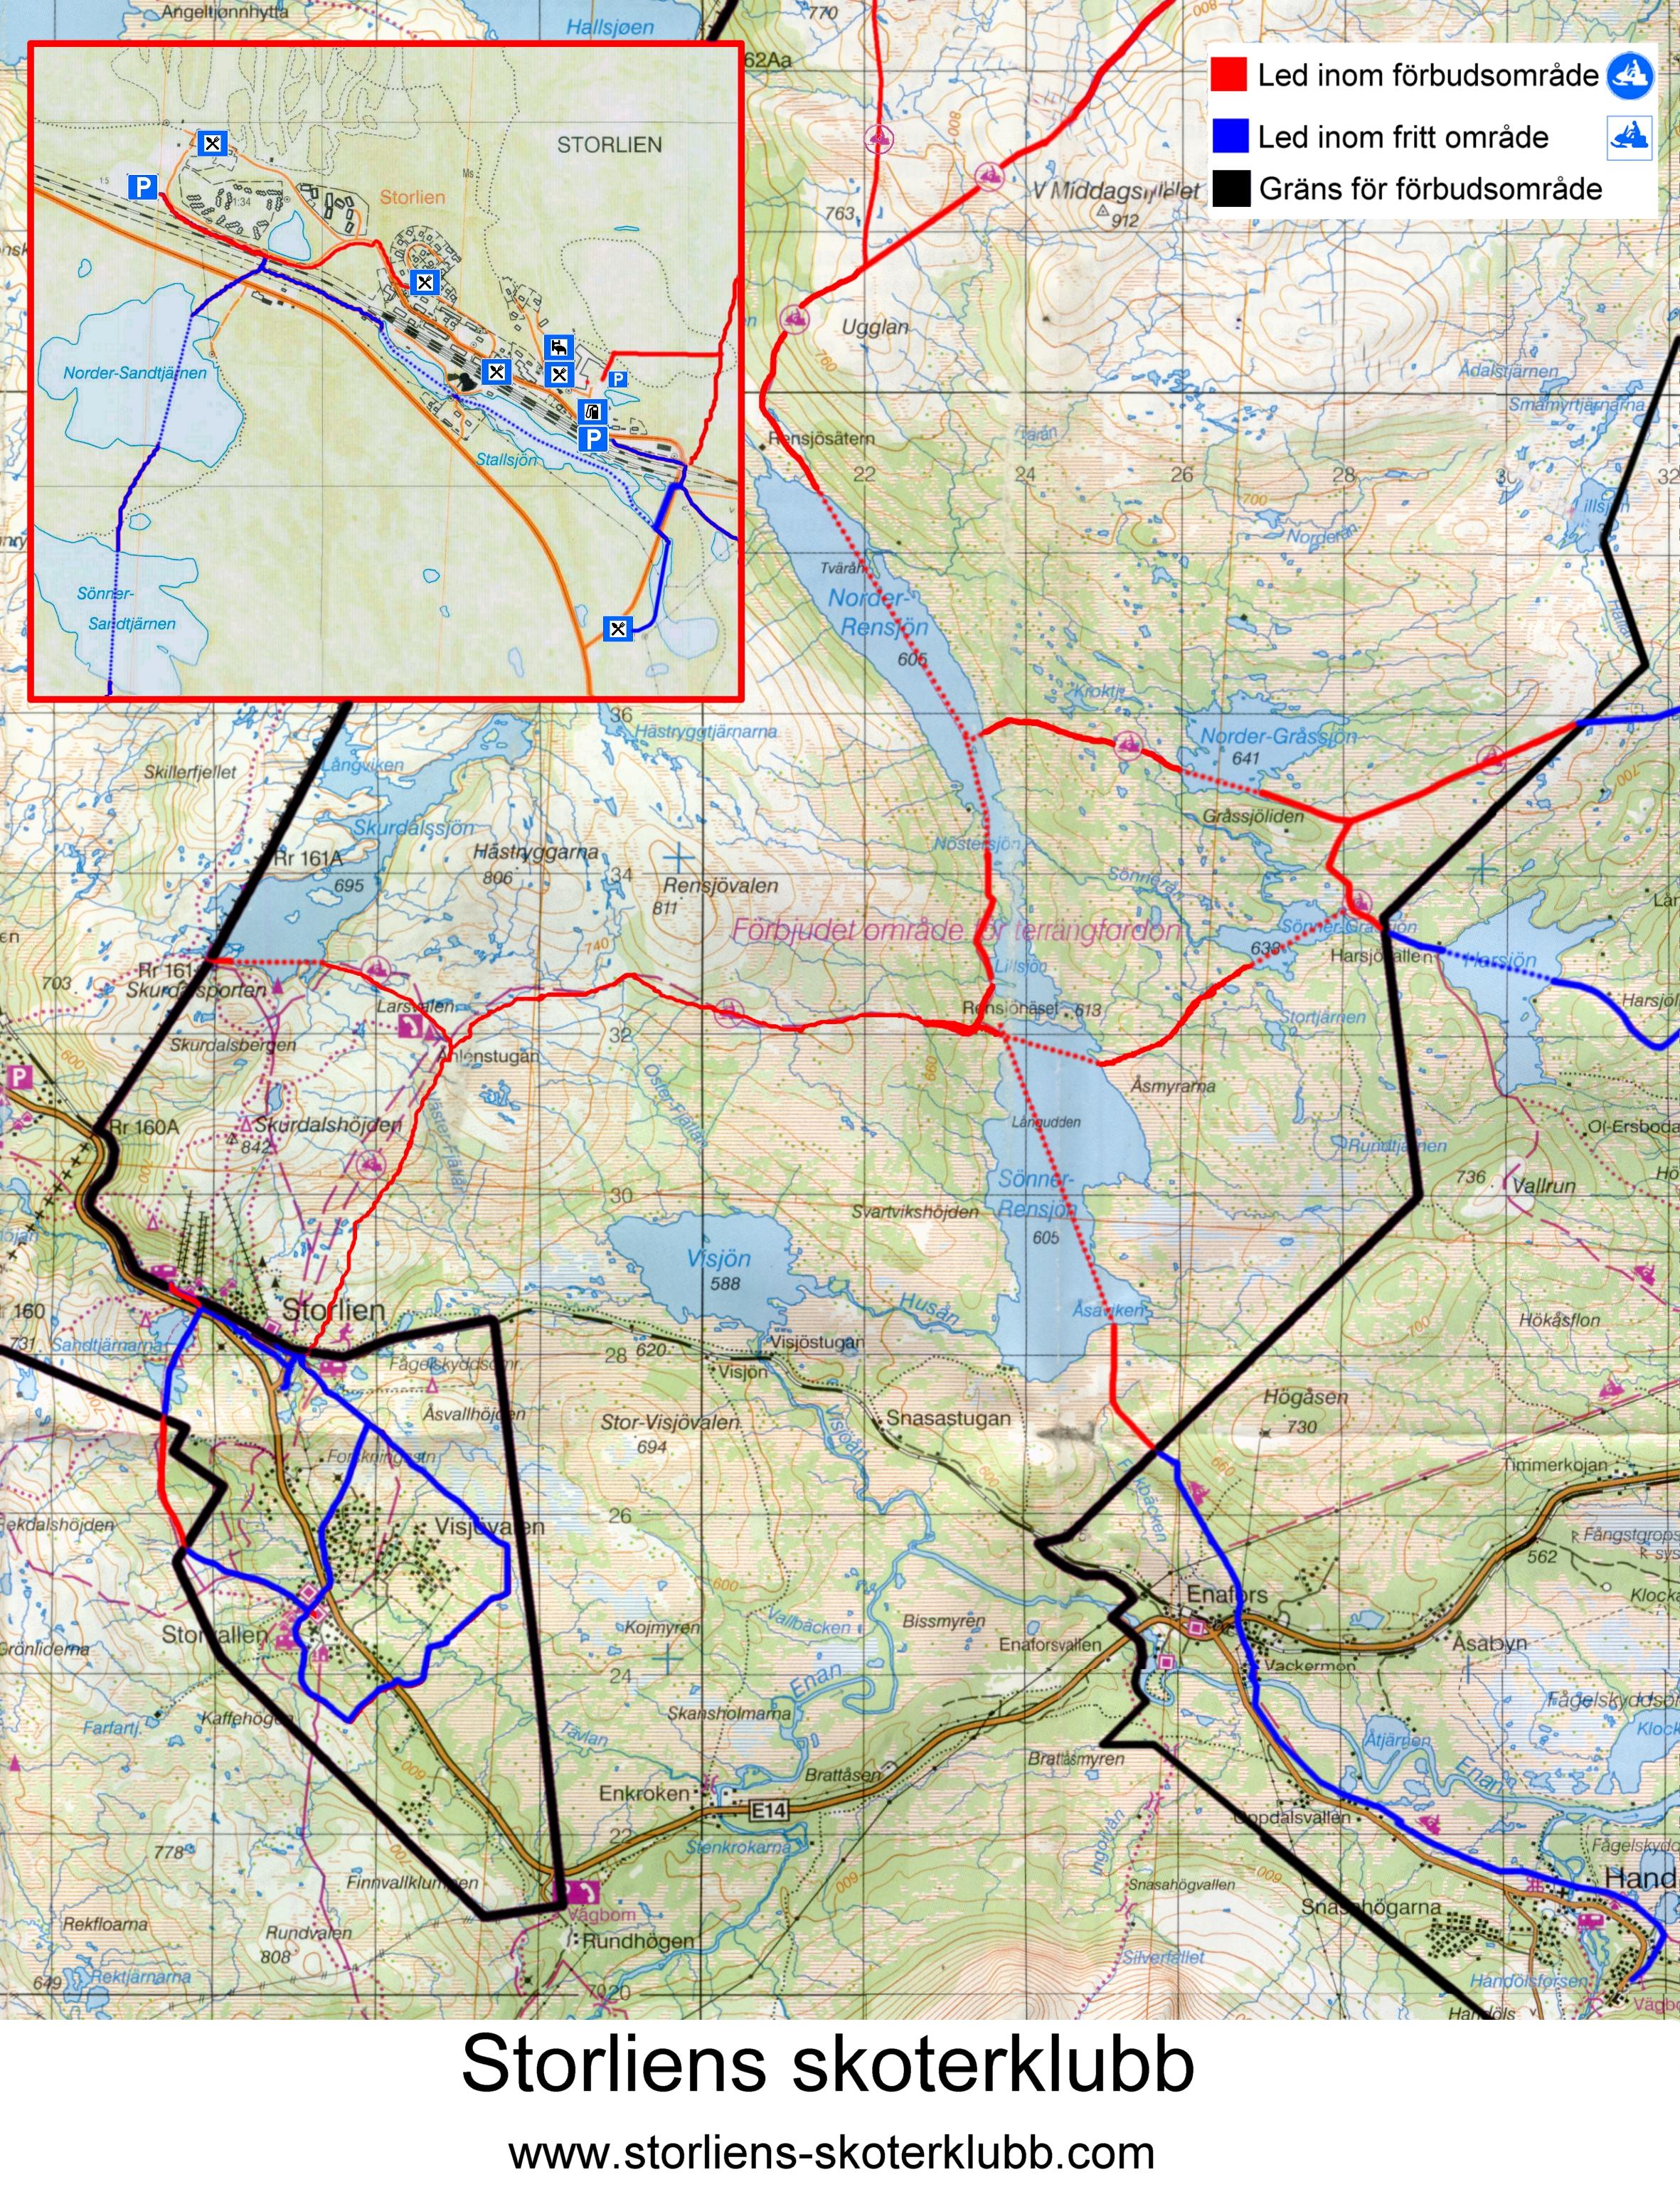 kart over storlien Løypekart Storlien kart over storlien